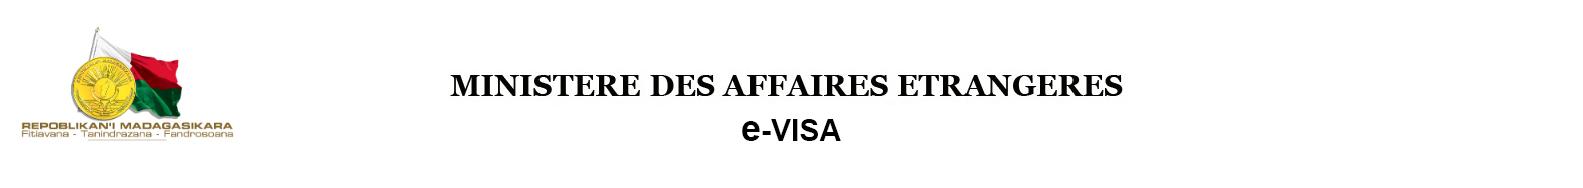 MINISTERE DES AFFAIRES ETRANGERES DE MADAGASCAR